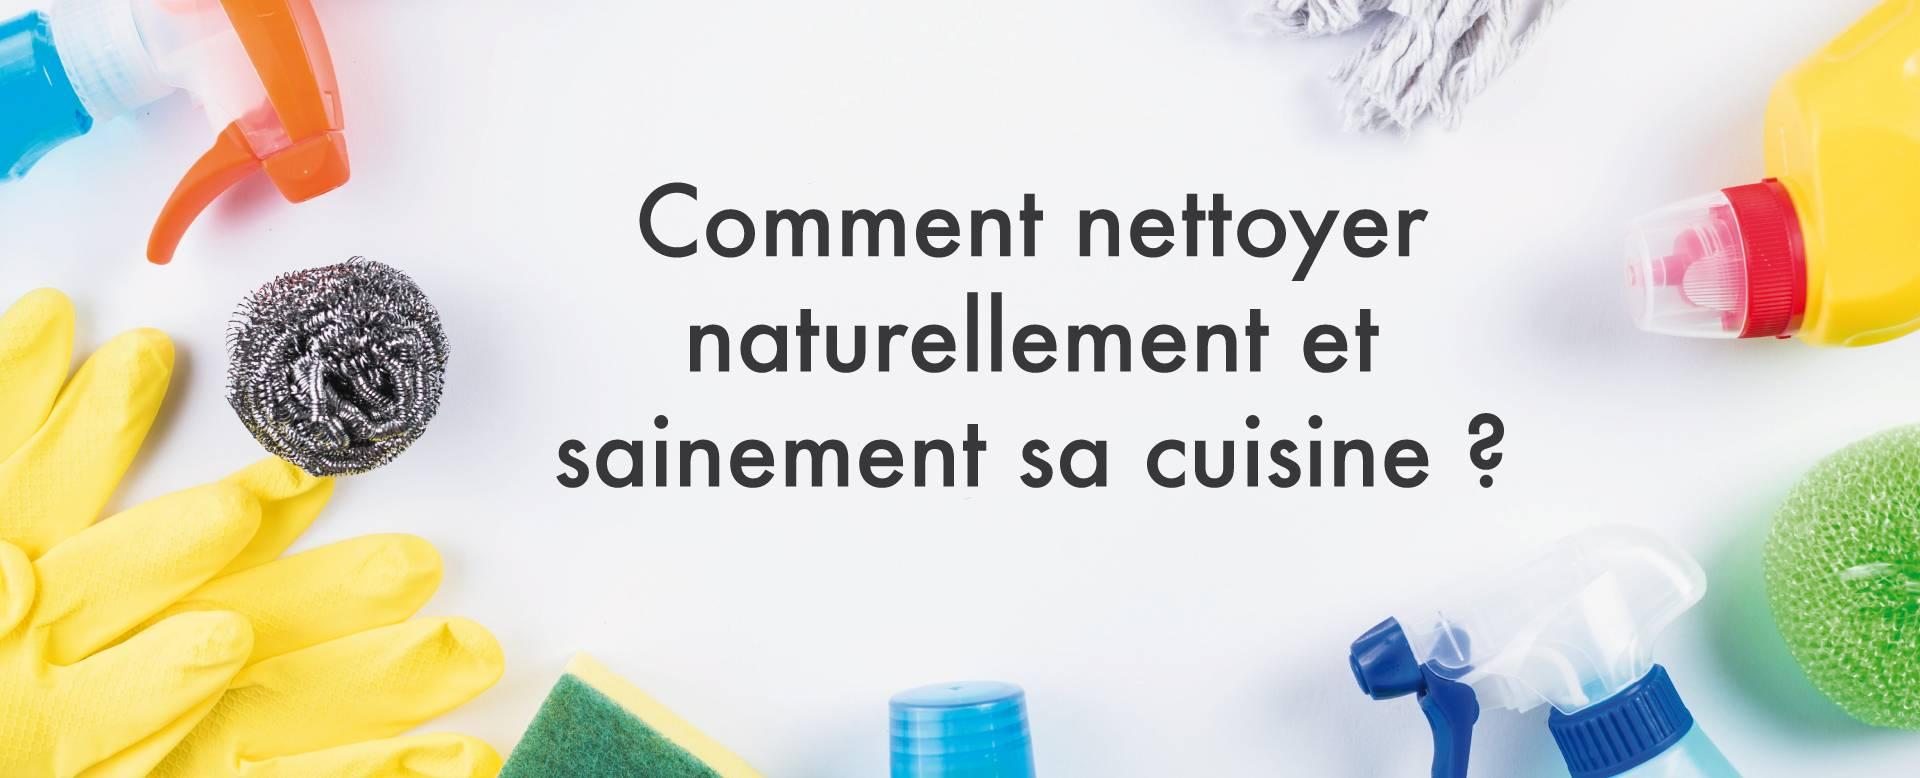 nettoyer cuisine